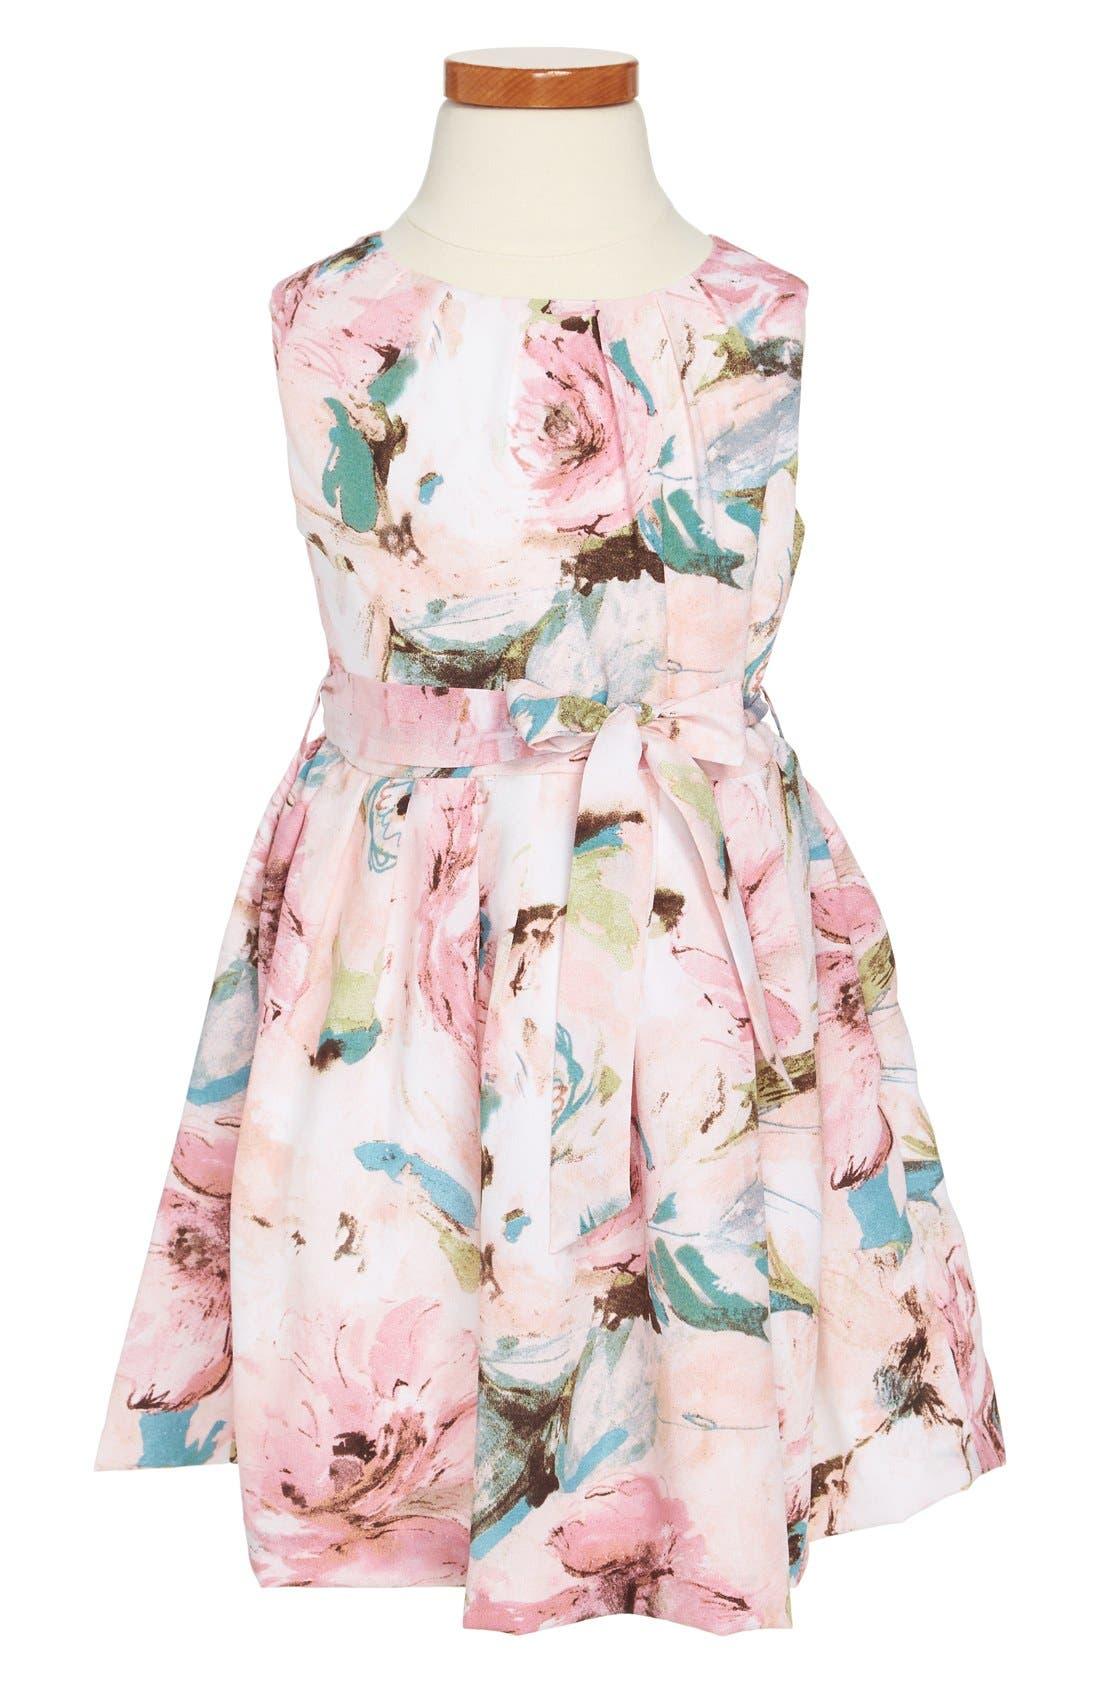 Alternate Image 1 Selected - Pippa & Julie Floral Print Dress (Little Girls & Big Girls)